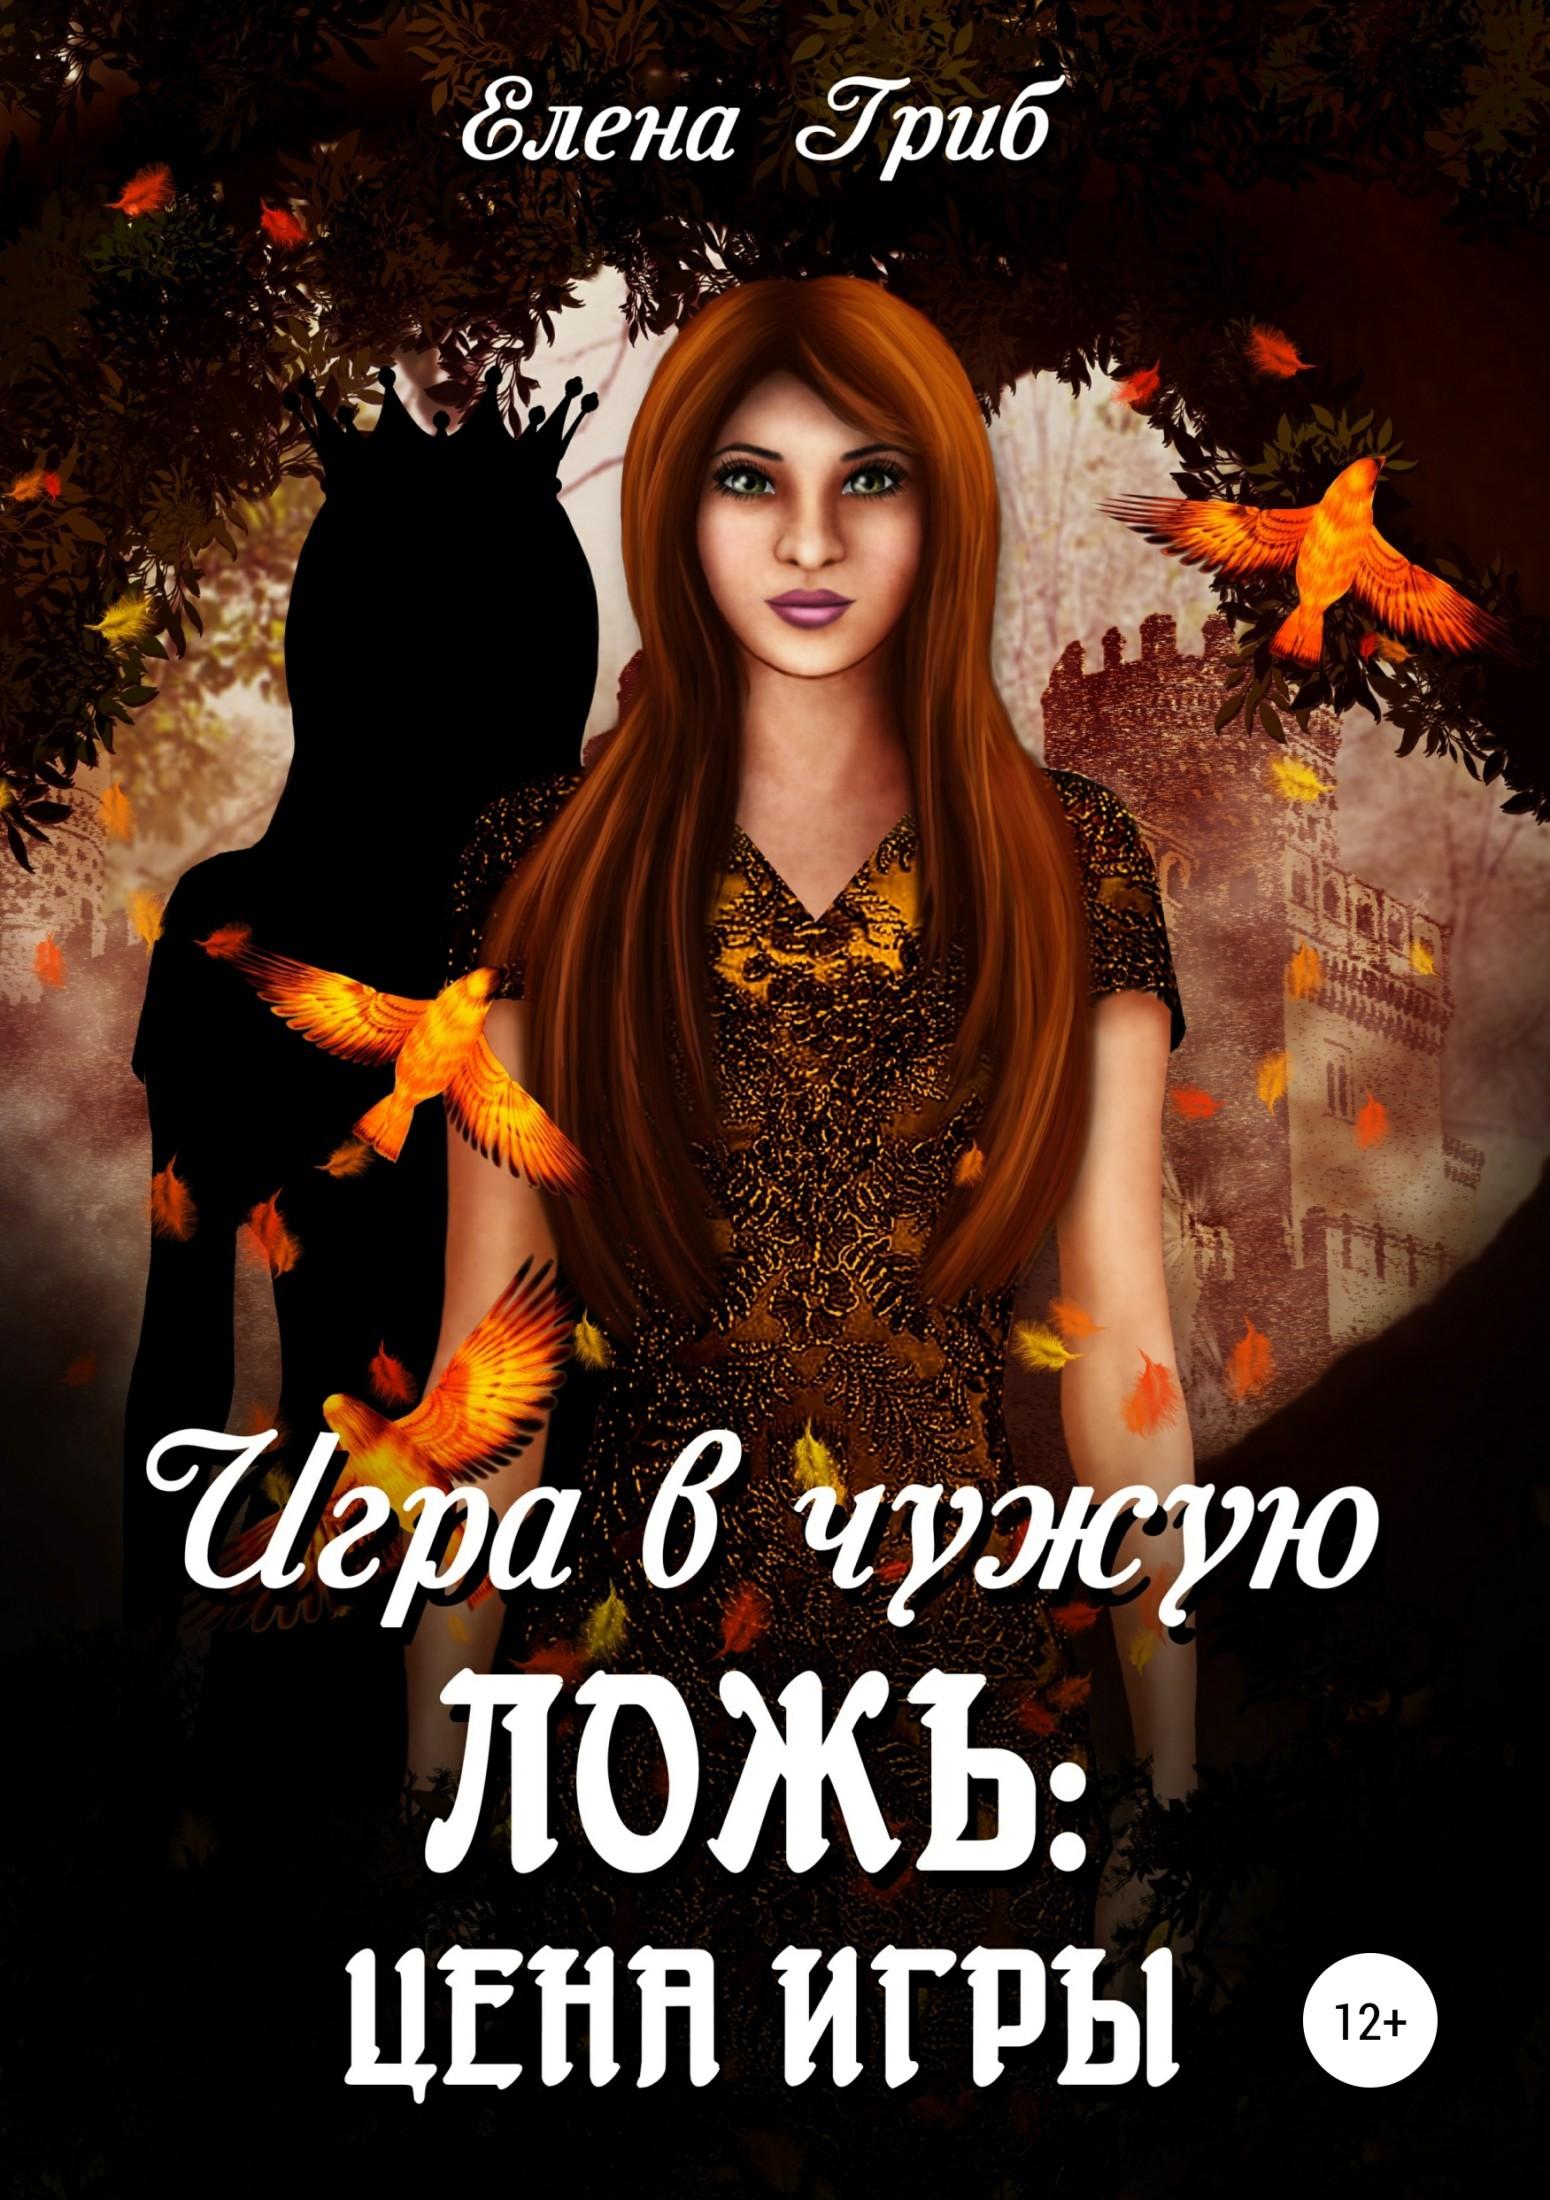 Елена Гриб - Игра в чужую ложь: Цена игры